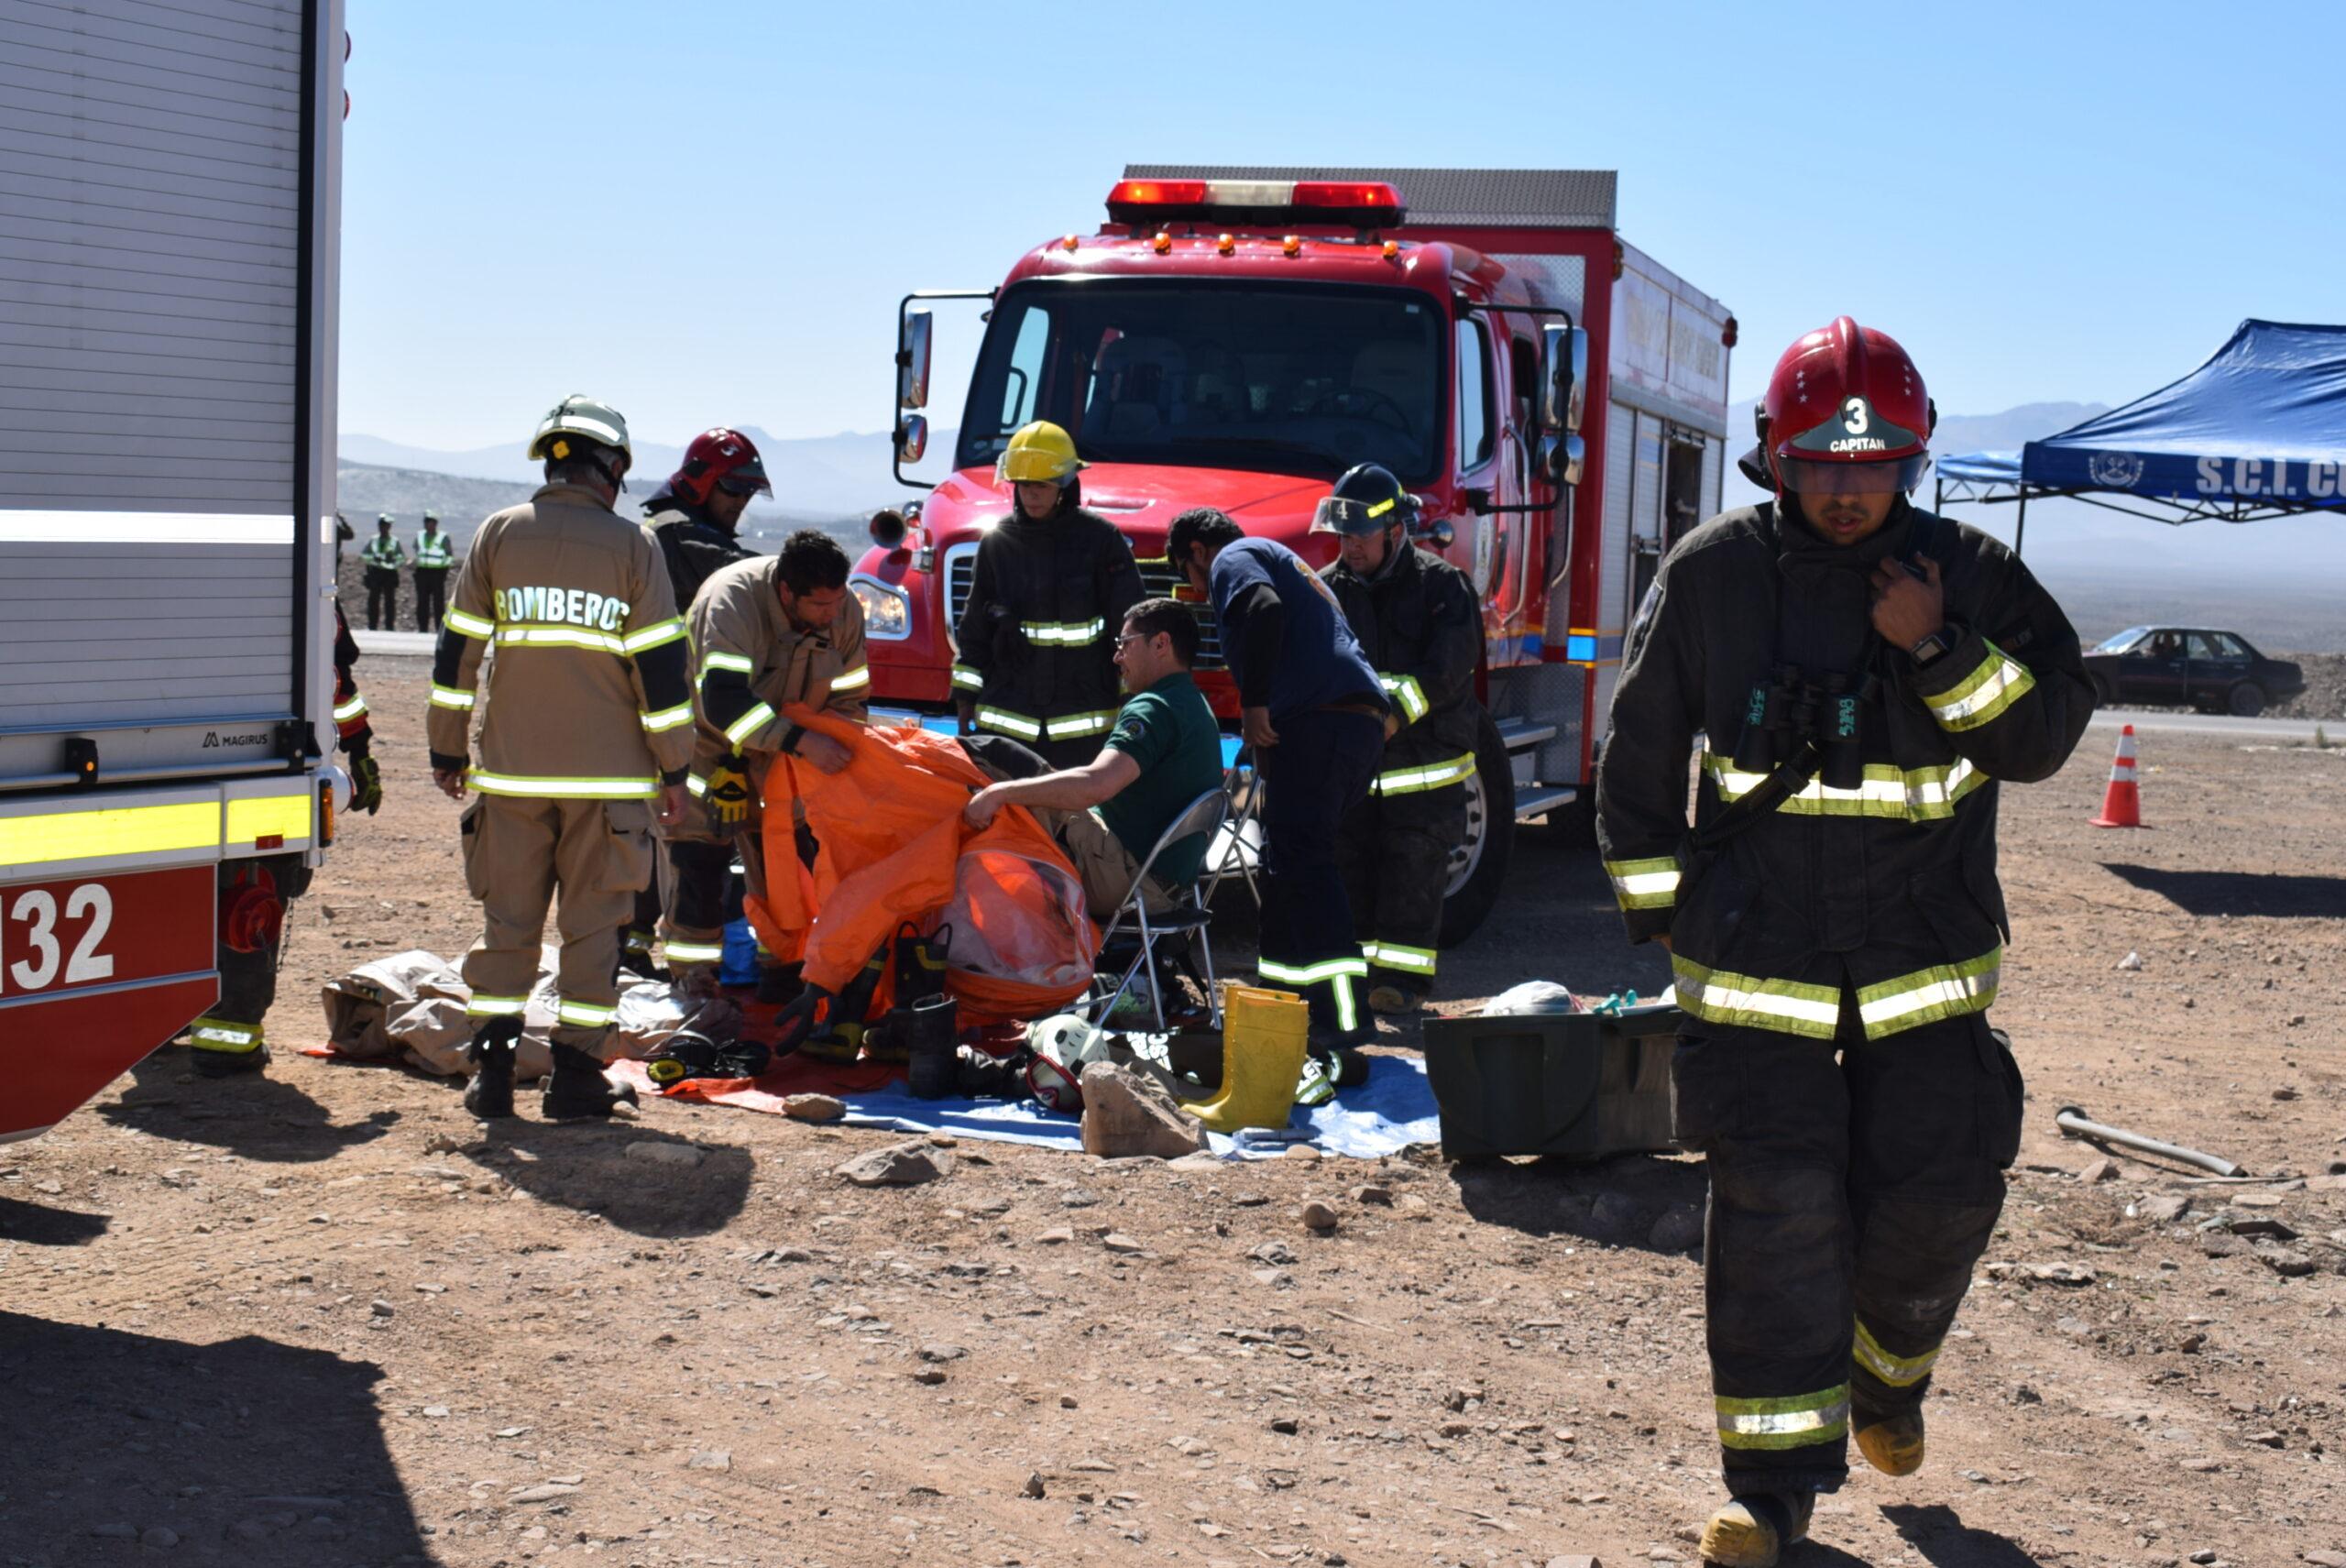 Renuevan seguro de vida para bomberos de Vallenar